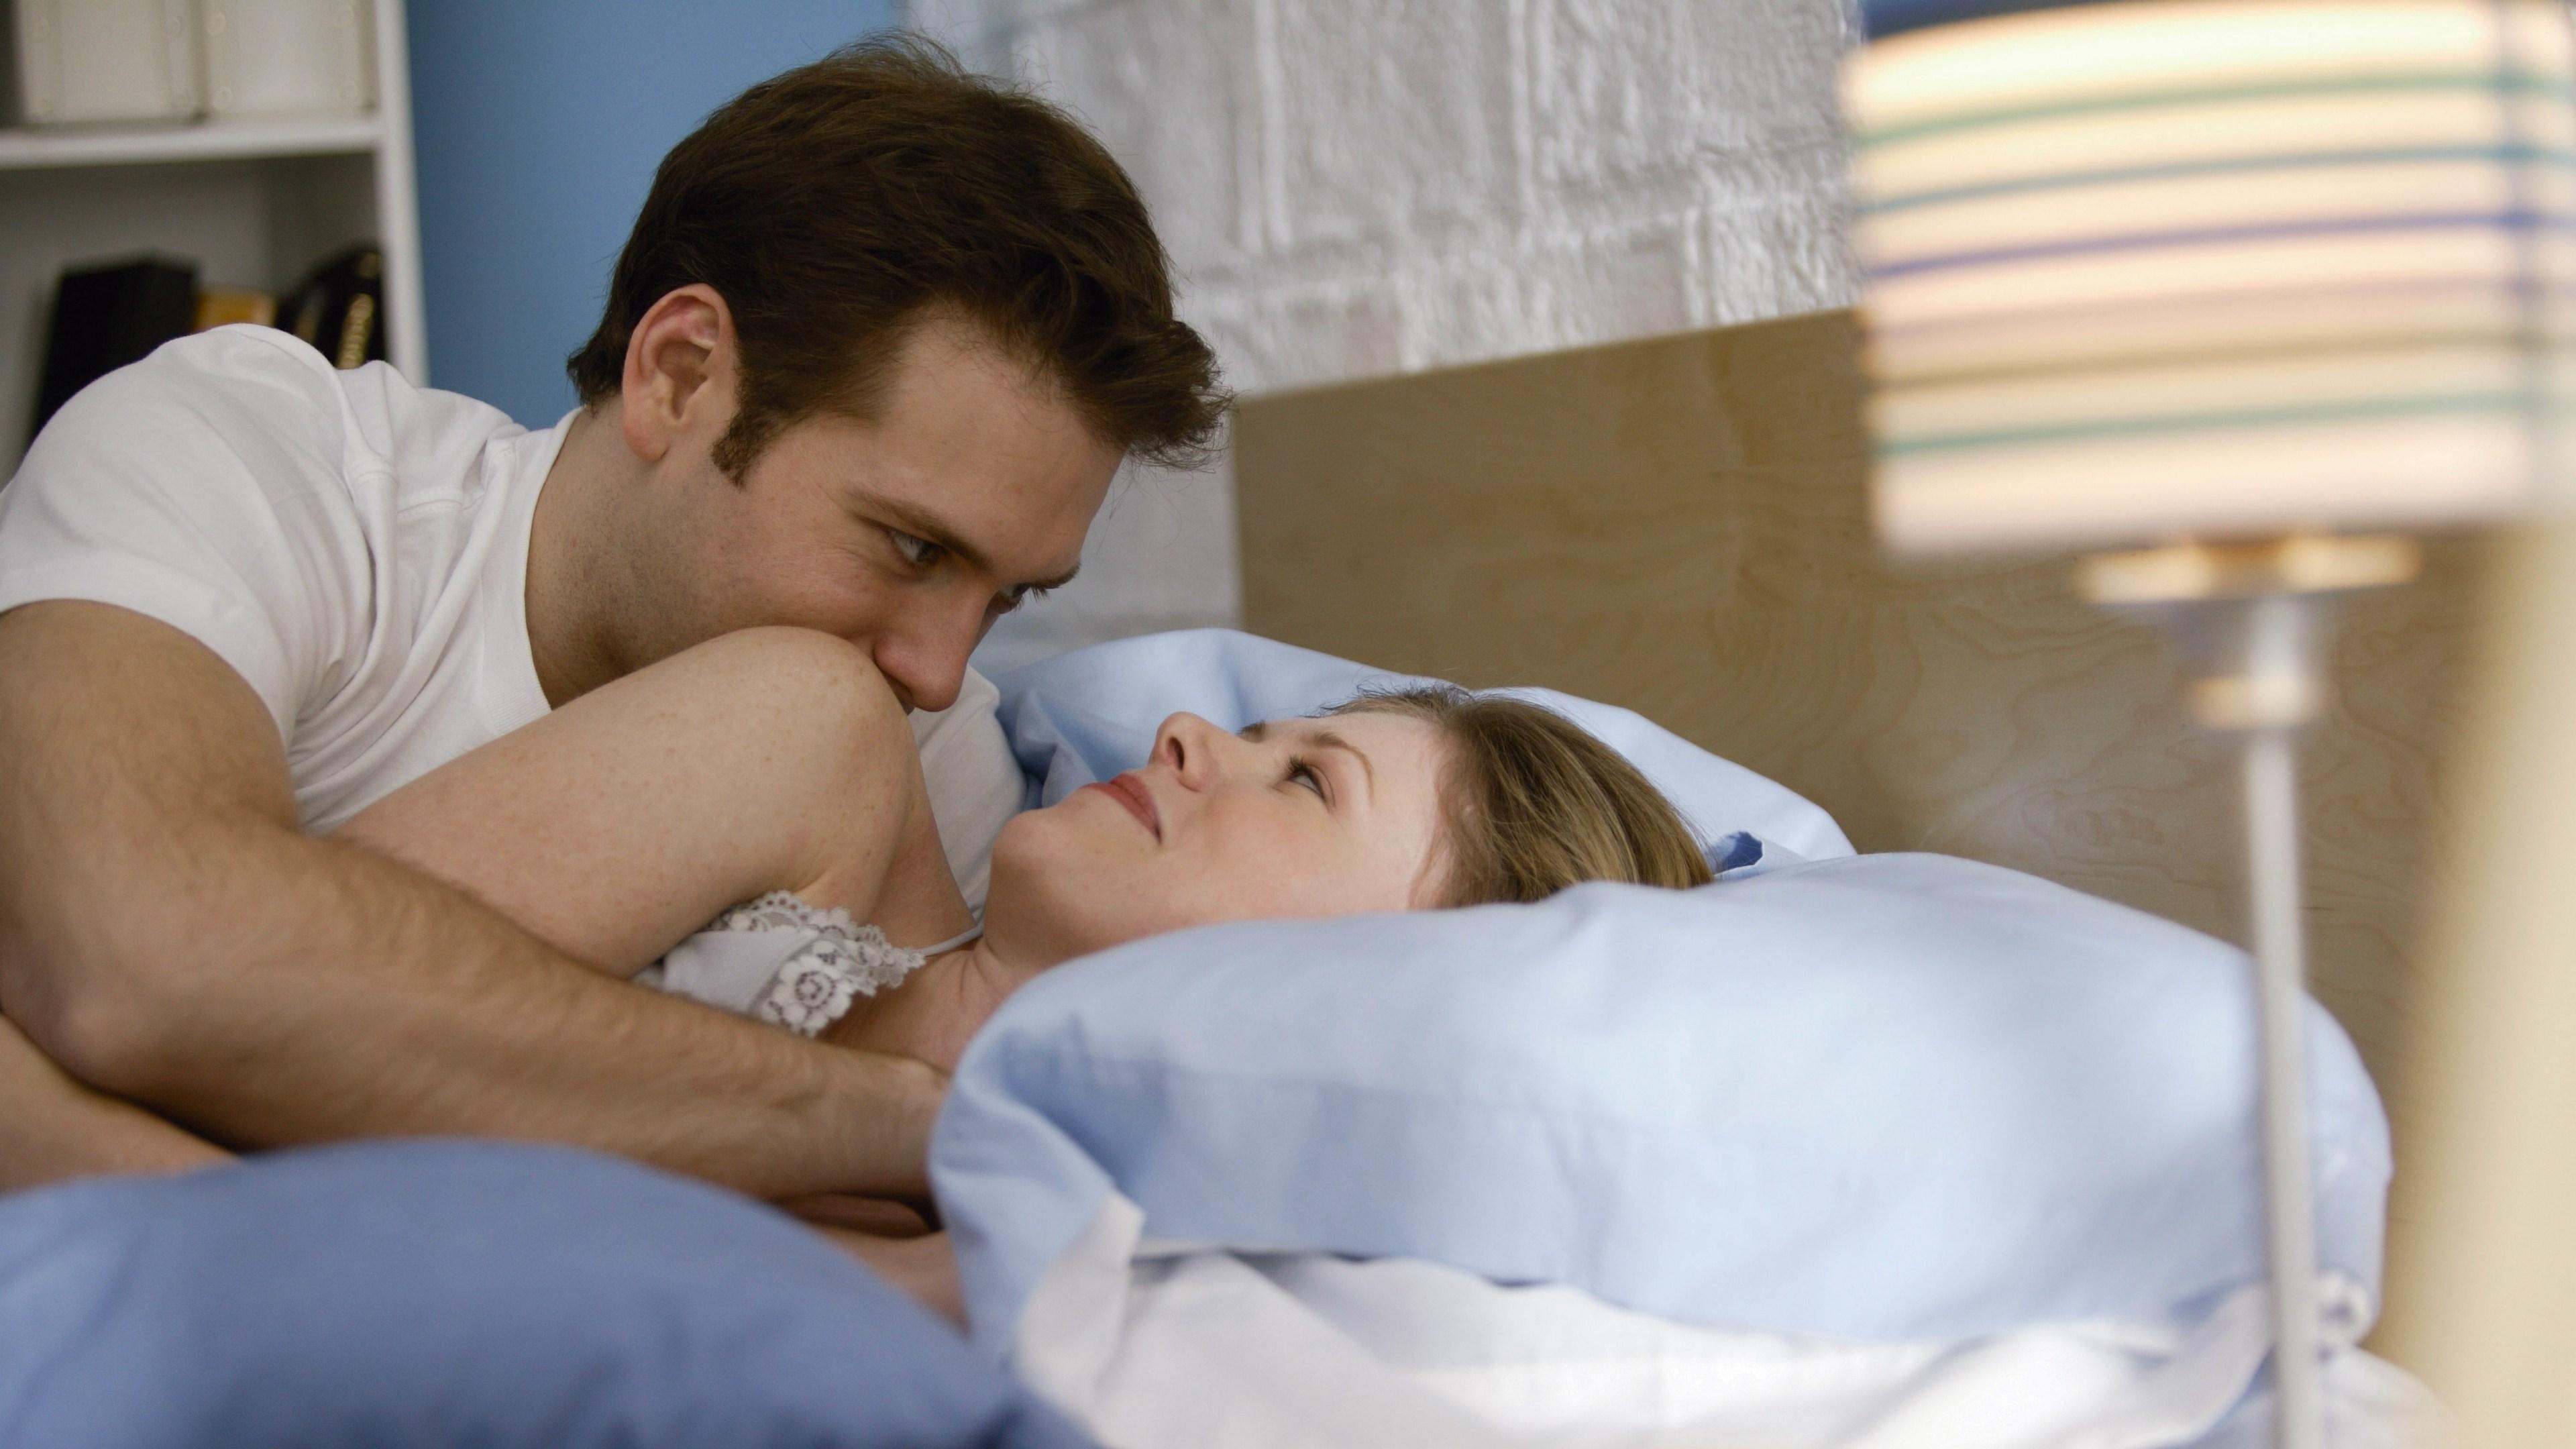 Чужую сперму жена будит мужа смотреть онлайн порно фото поимел